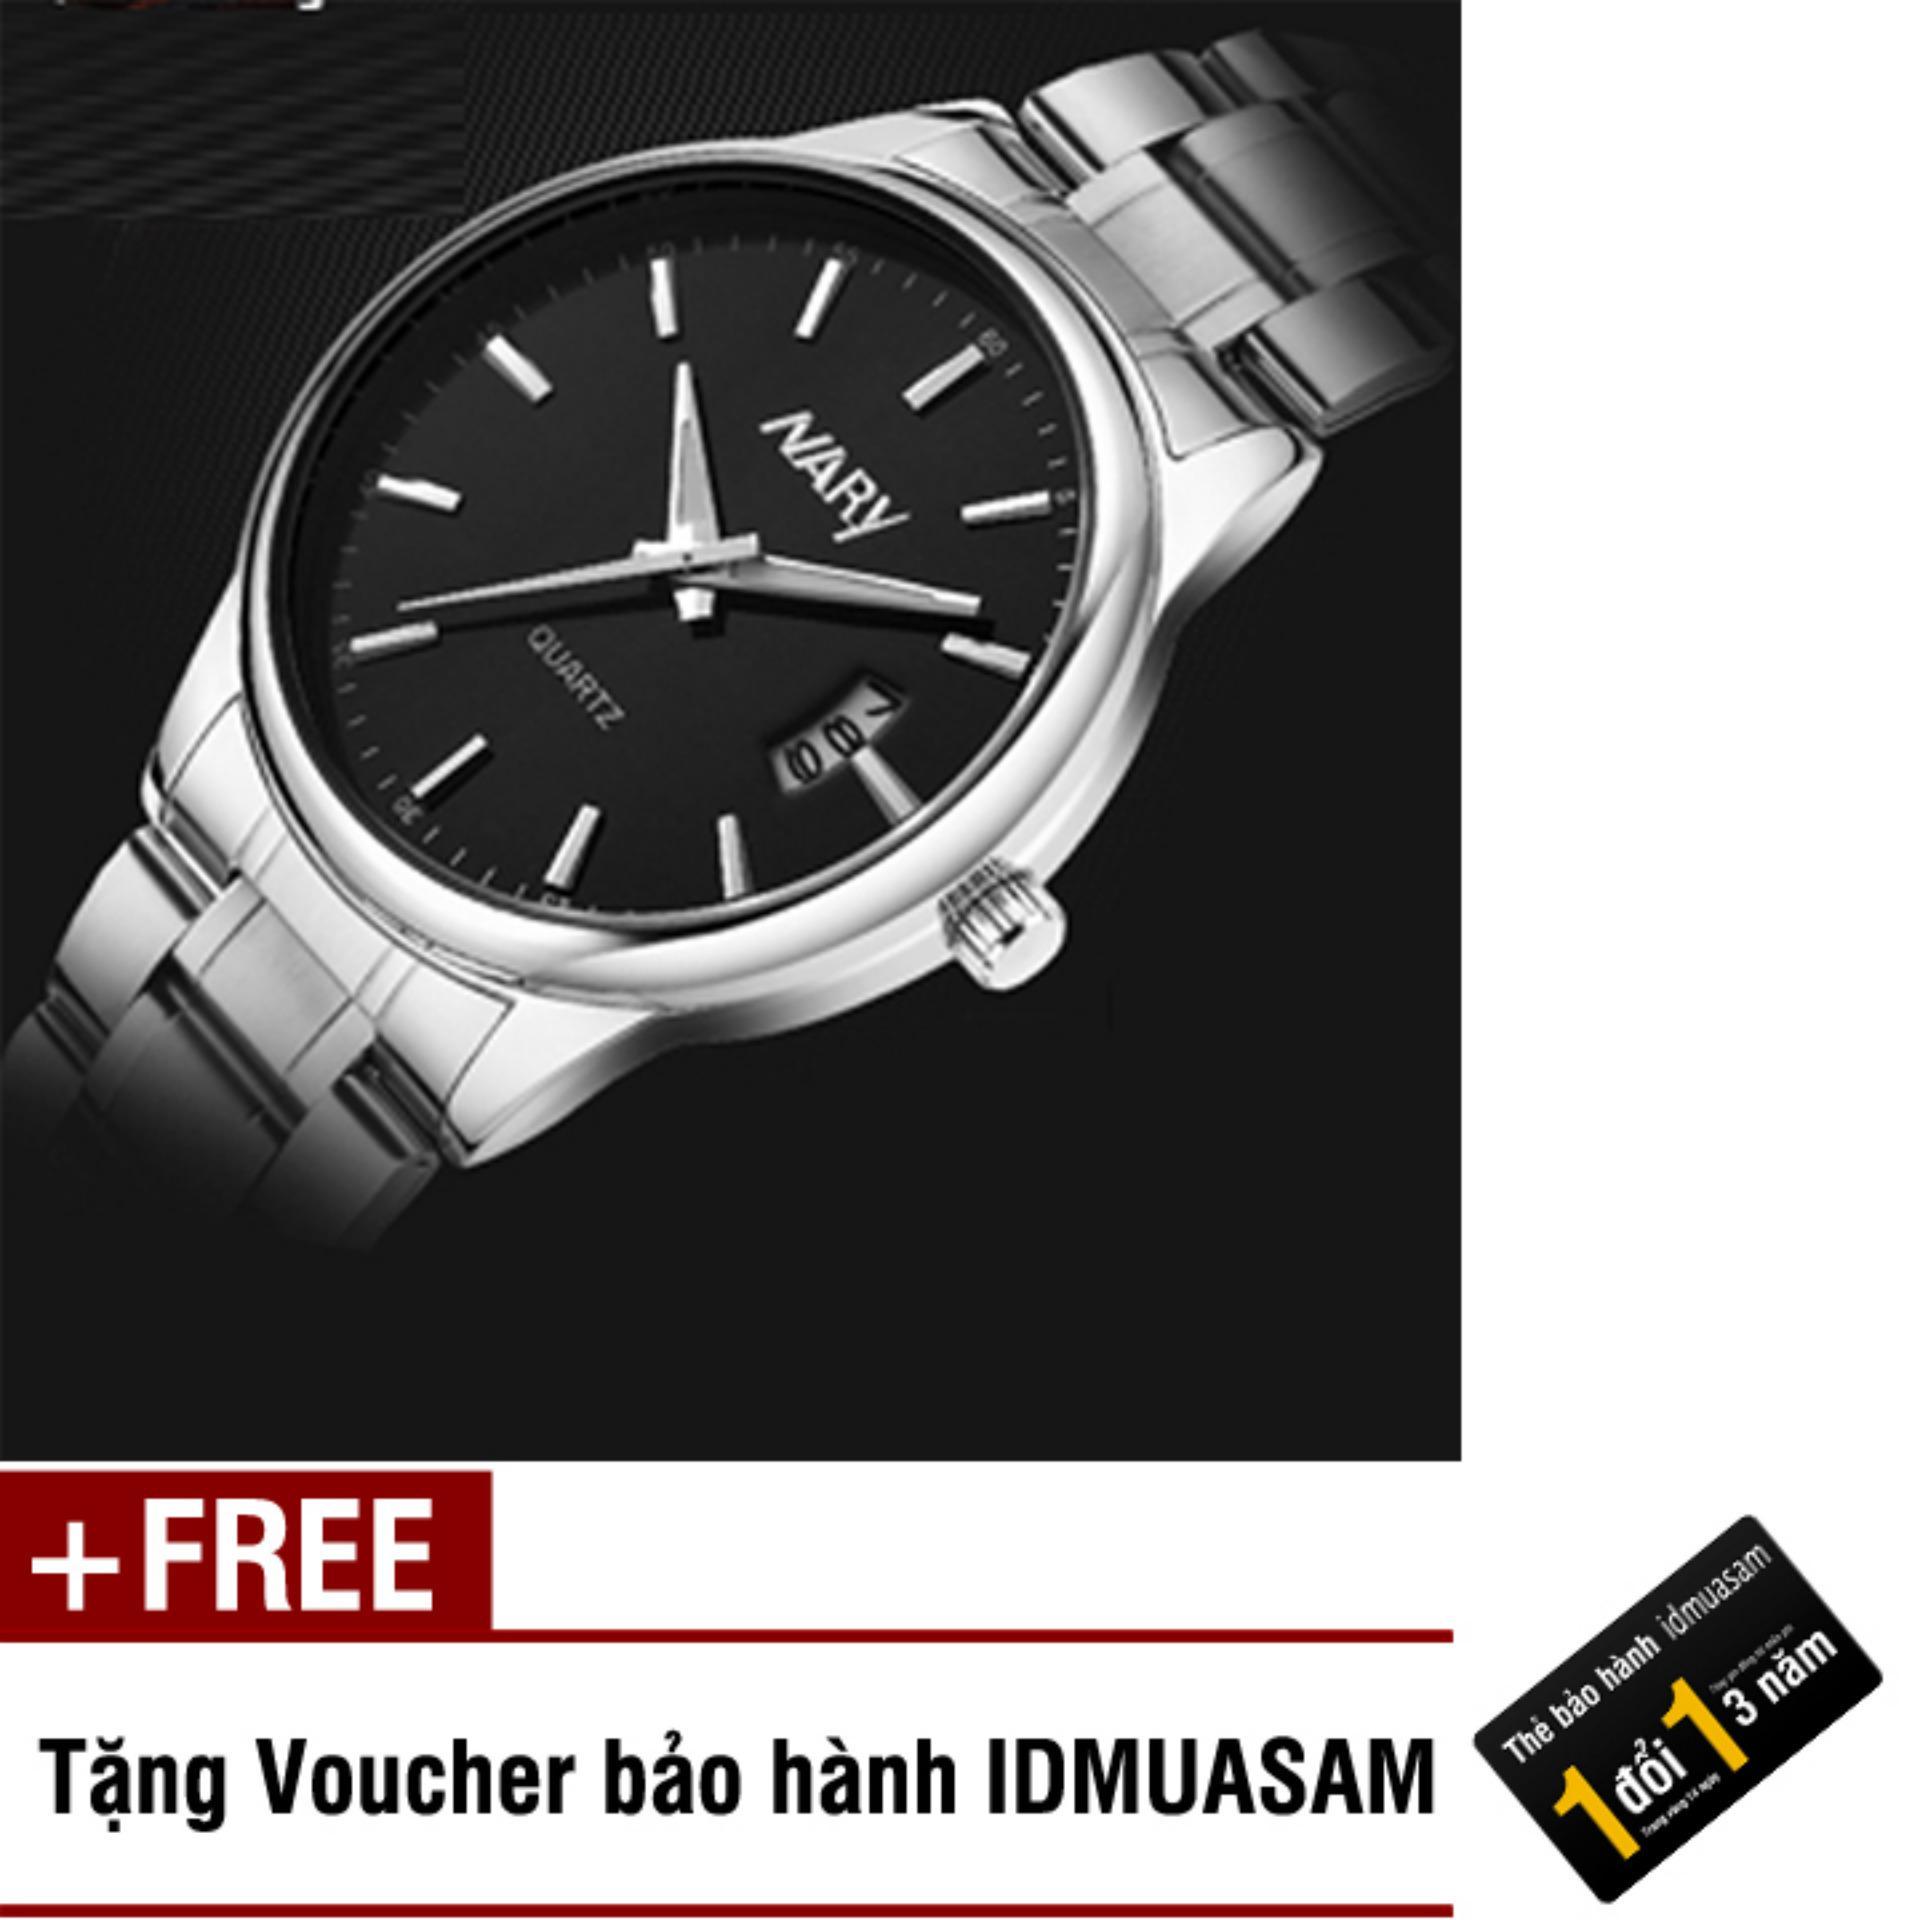 Đồng hồ nam dây thép không gỉ cao cấp Nary 2521 (Mặt đen) + Tặng kèm voucher bảo hành IDMUASAM